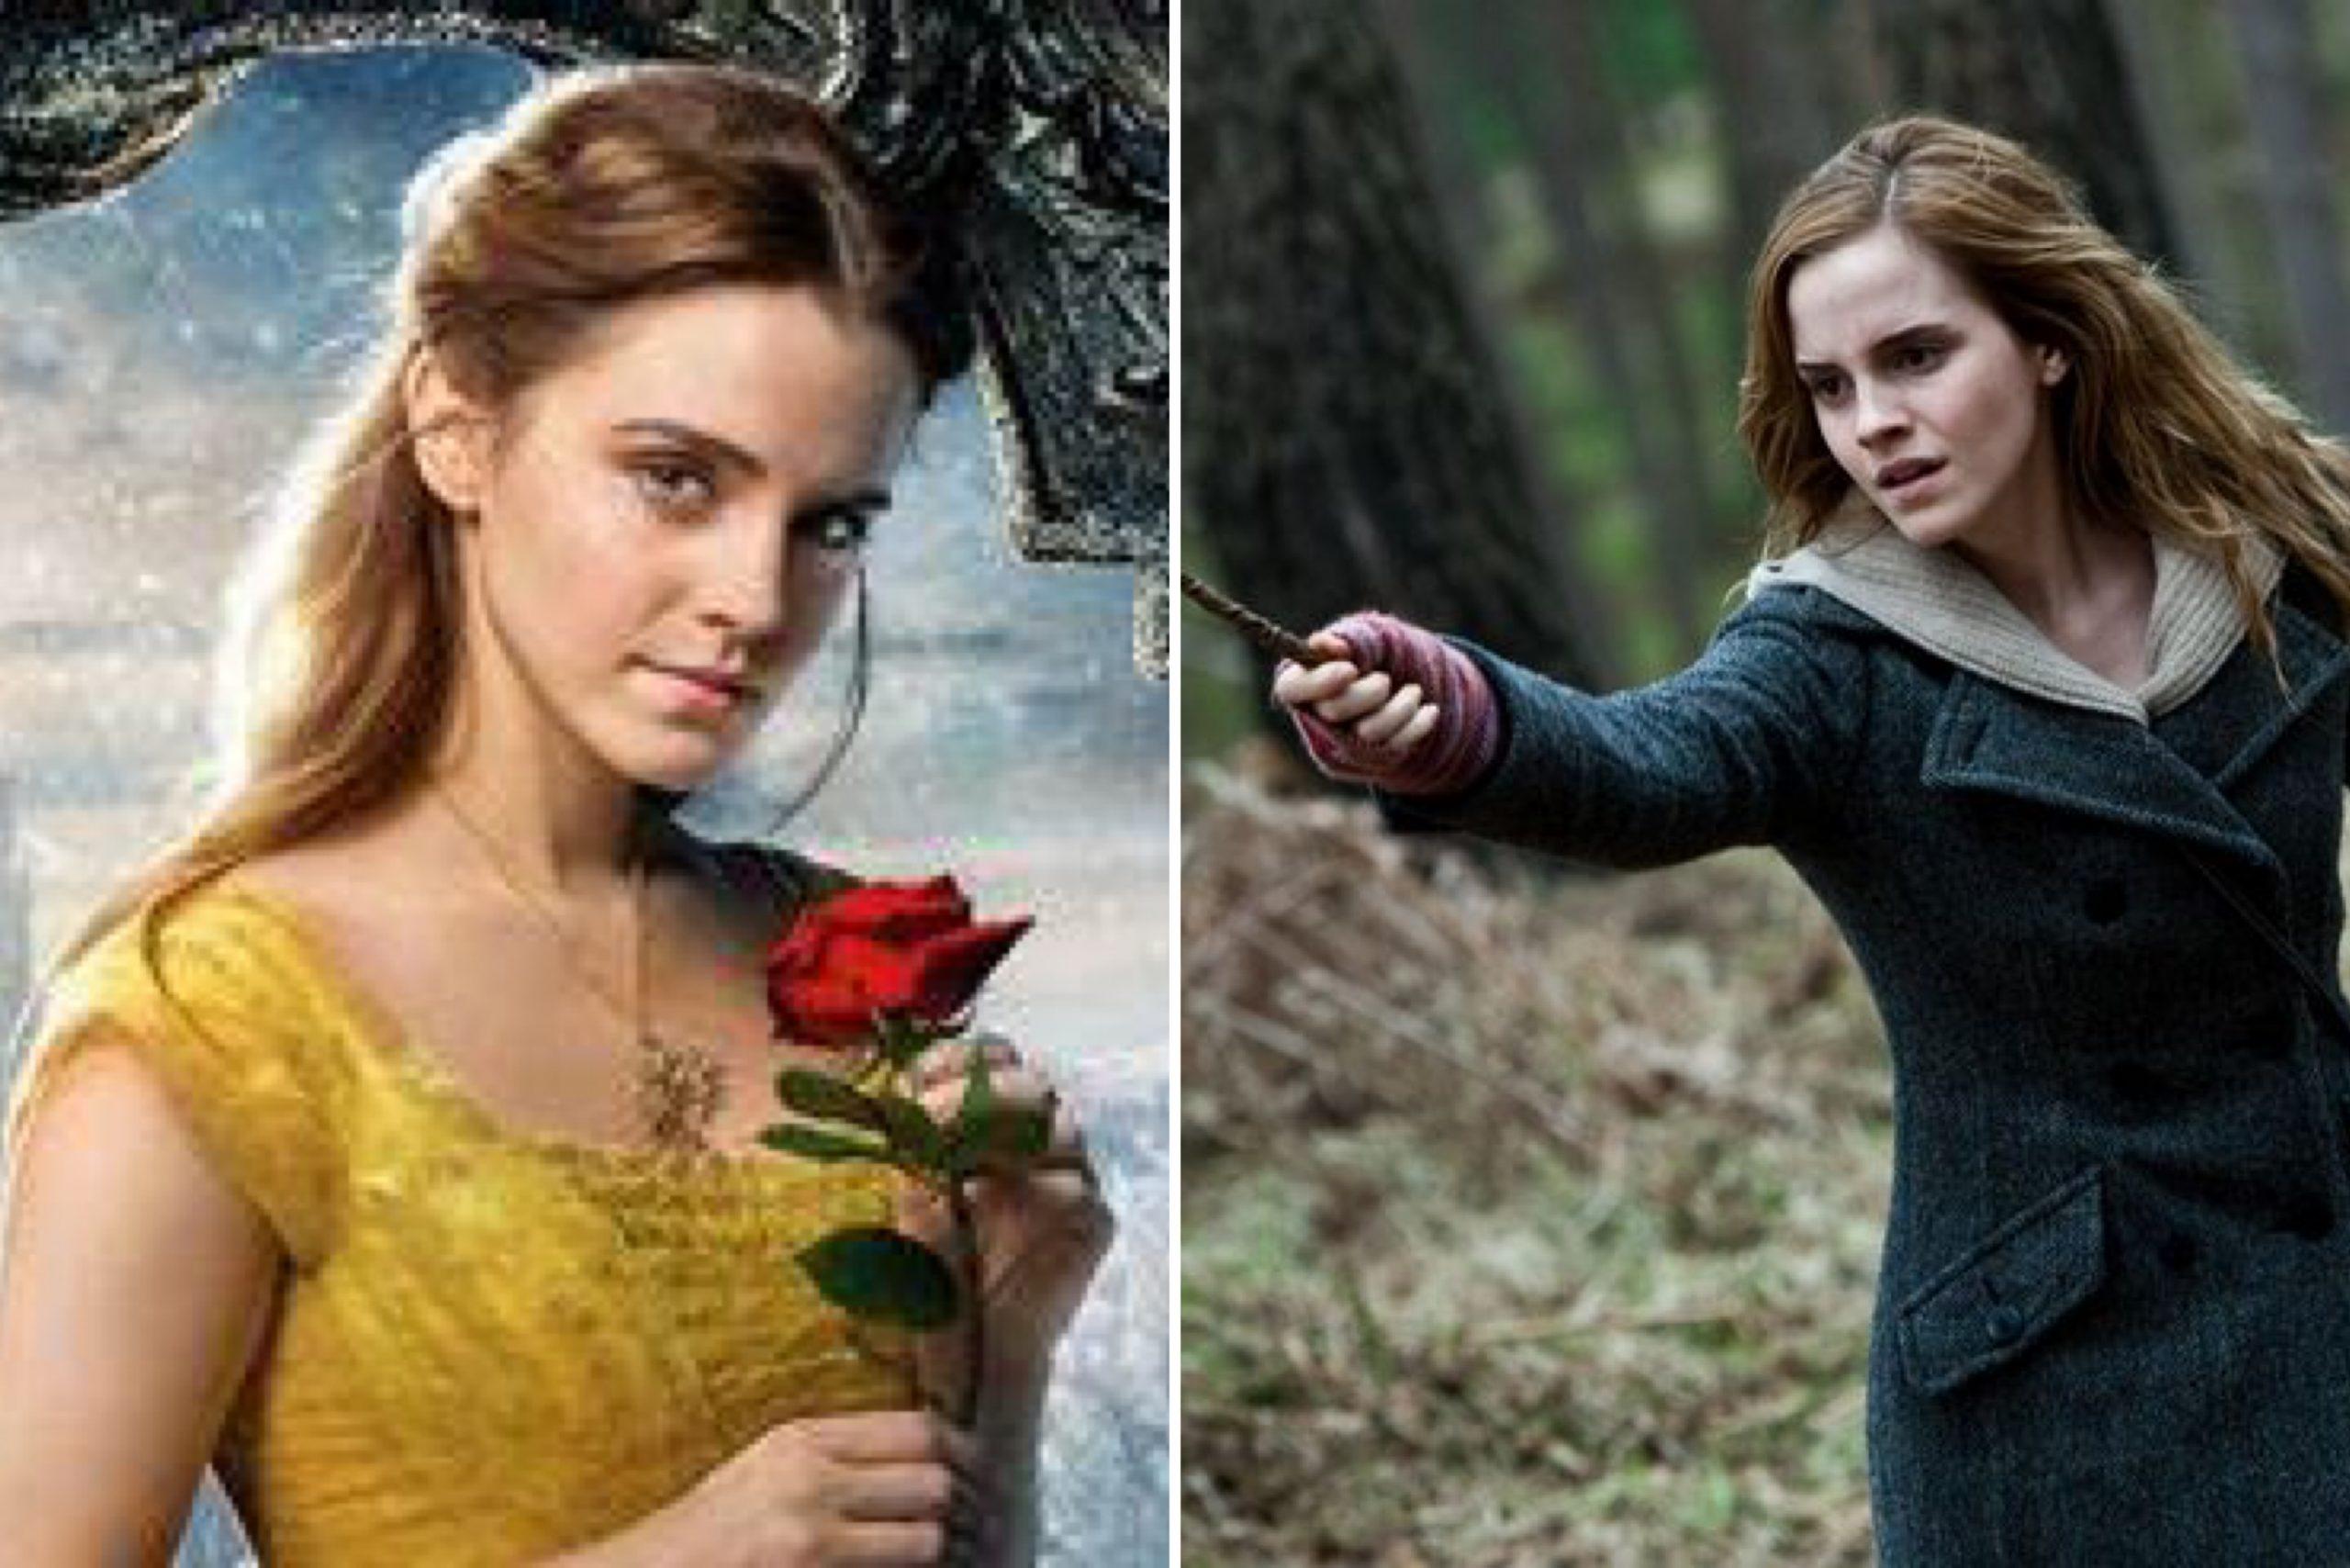 來看看在《哈利波特》妙麗之後,艾瑪華森又帶給我們什麼樣不同的角色?- 我們用電影寫日記